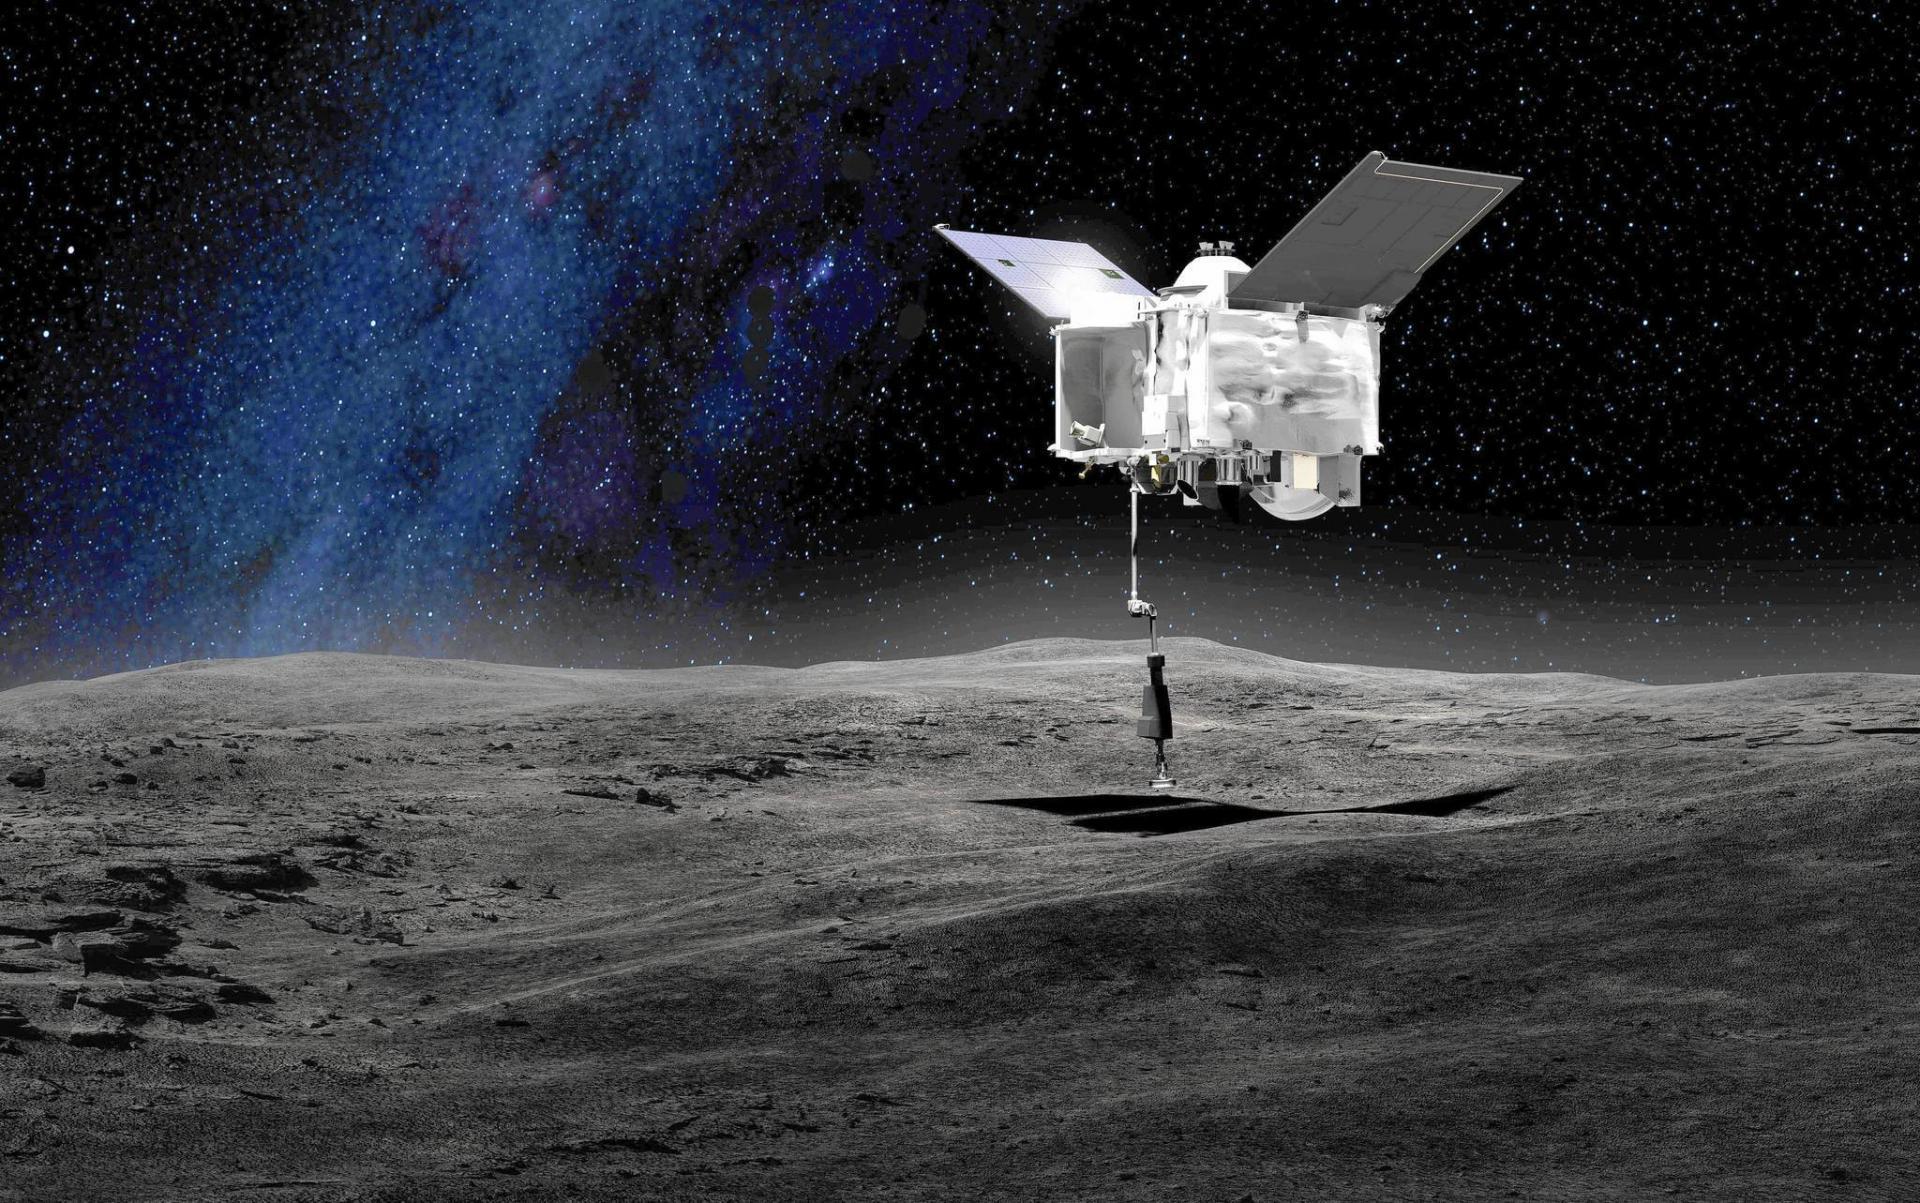 Зонд NASA летит на Землю с образцами грунта астероида — ровесника Солнечной системы